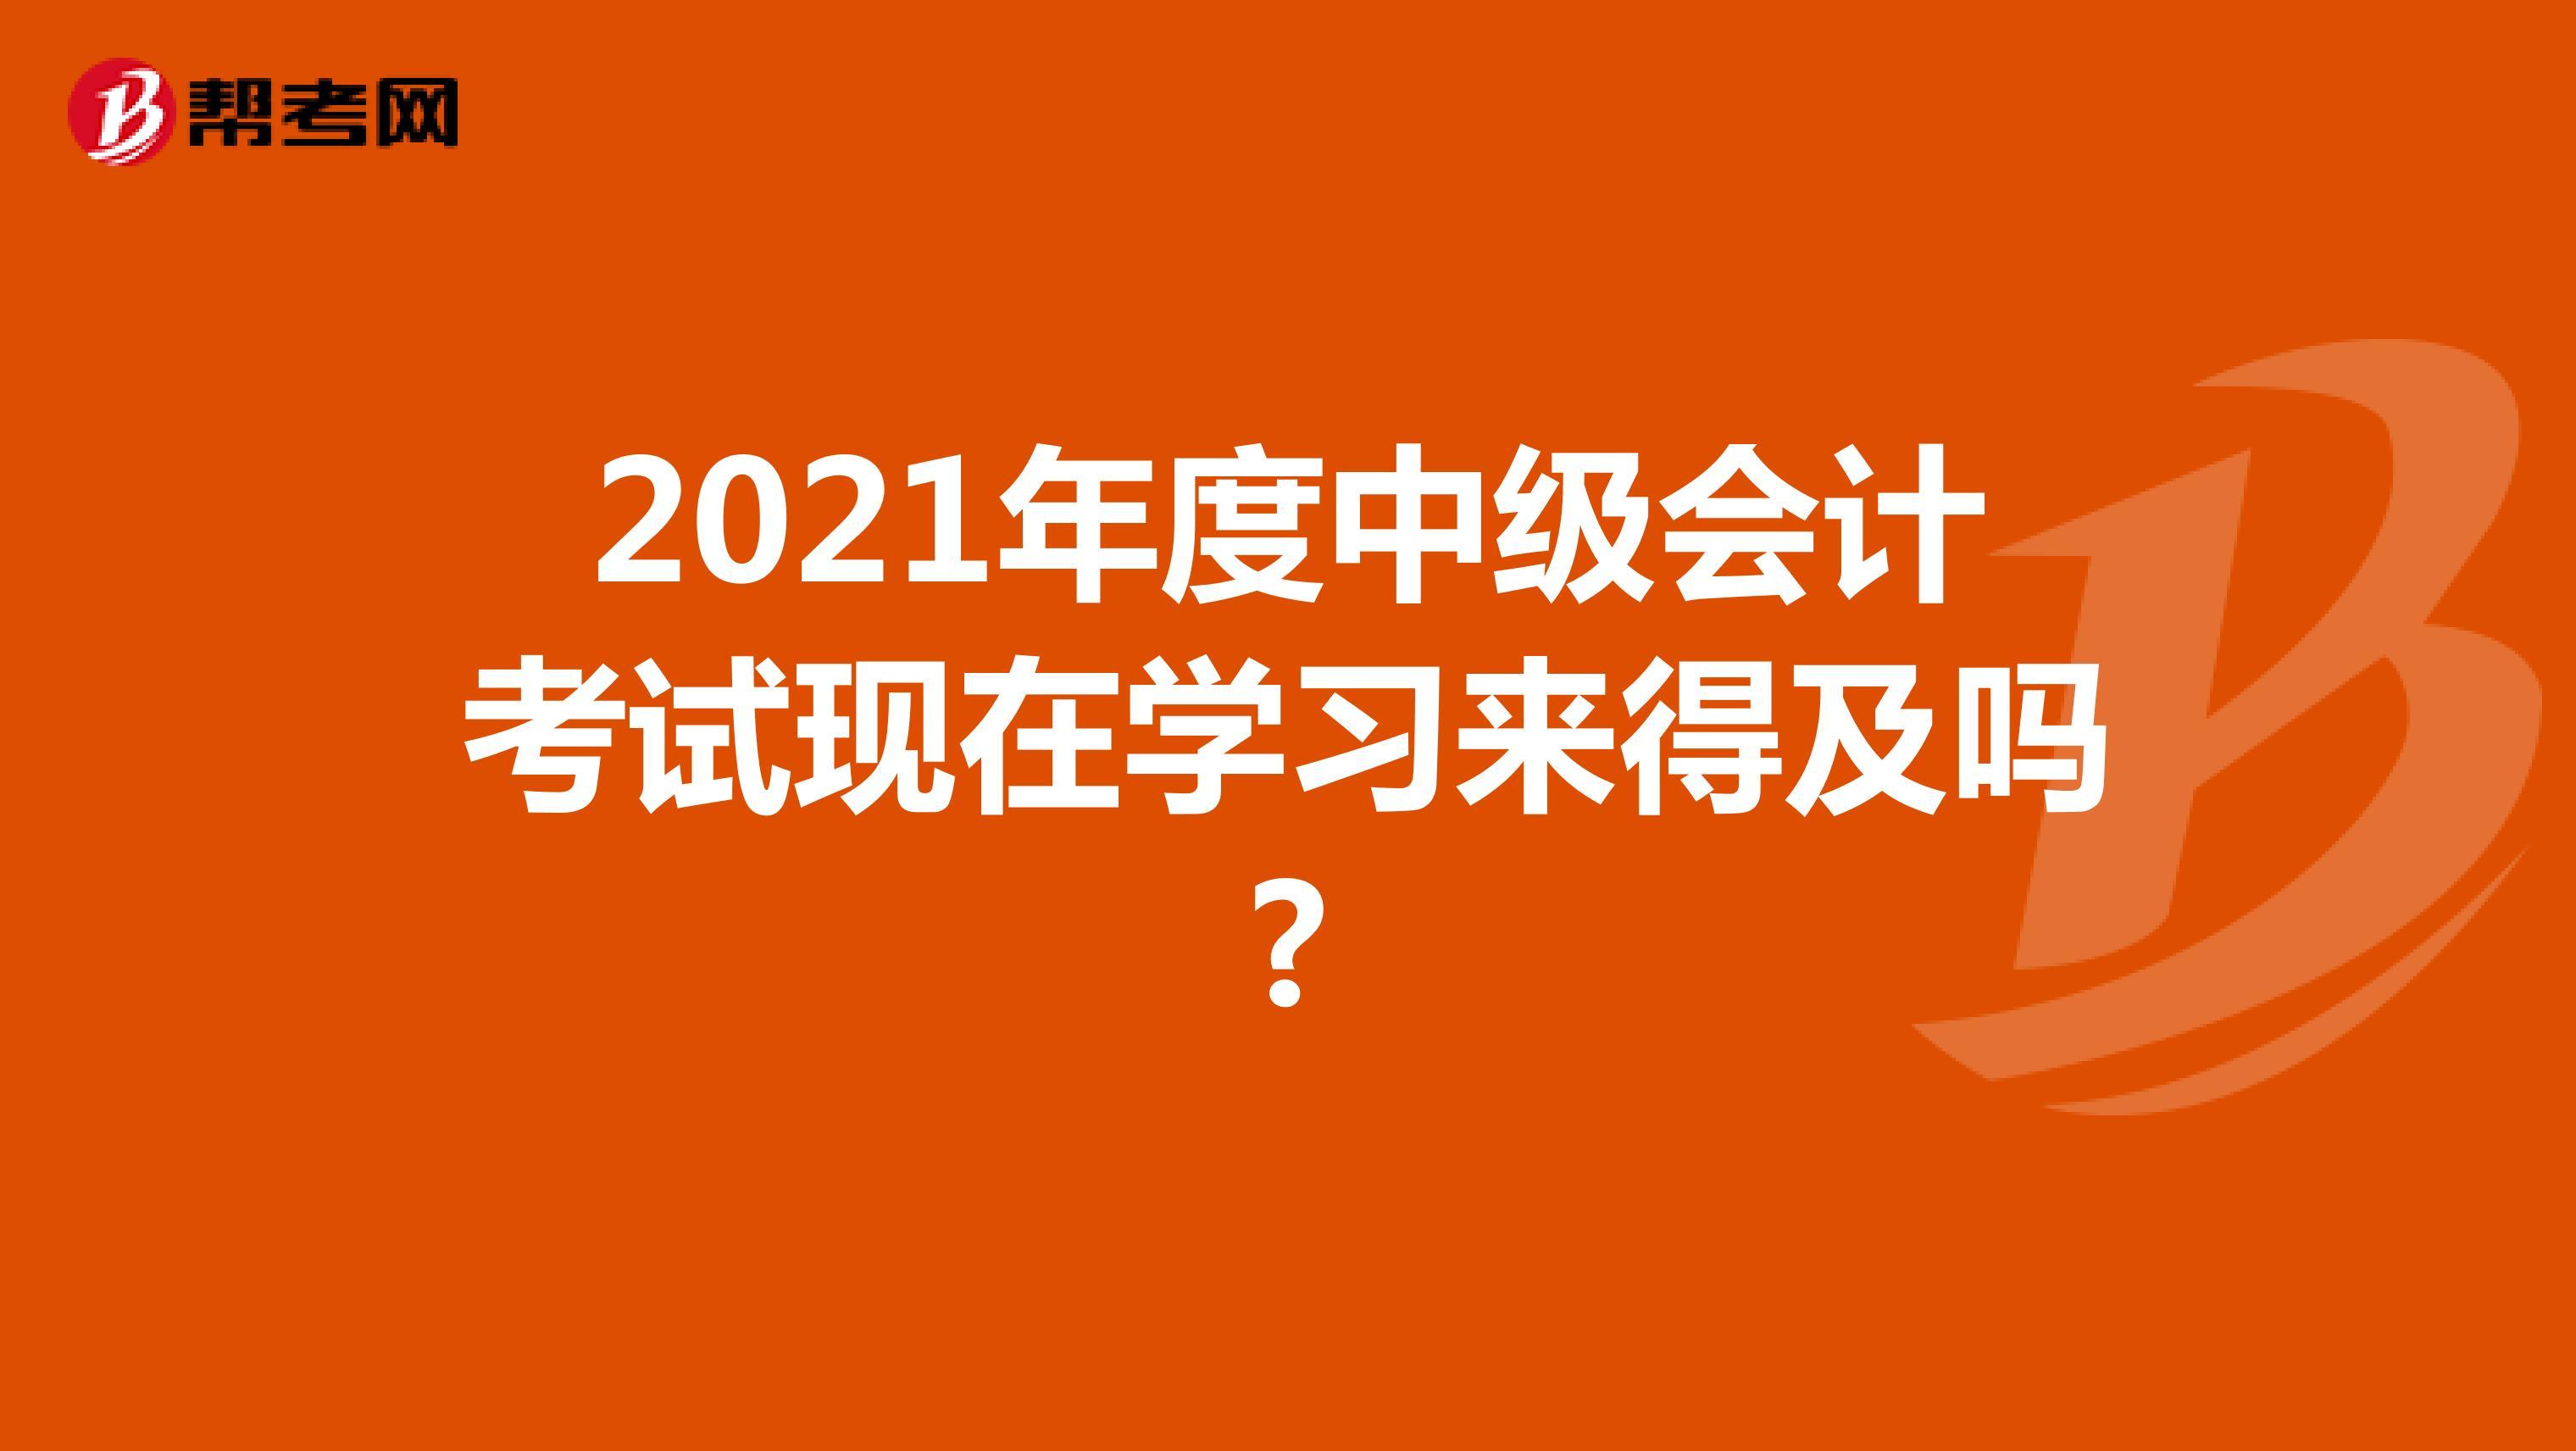 2021年度中级会计考试现在学习来得及吗?